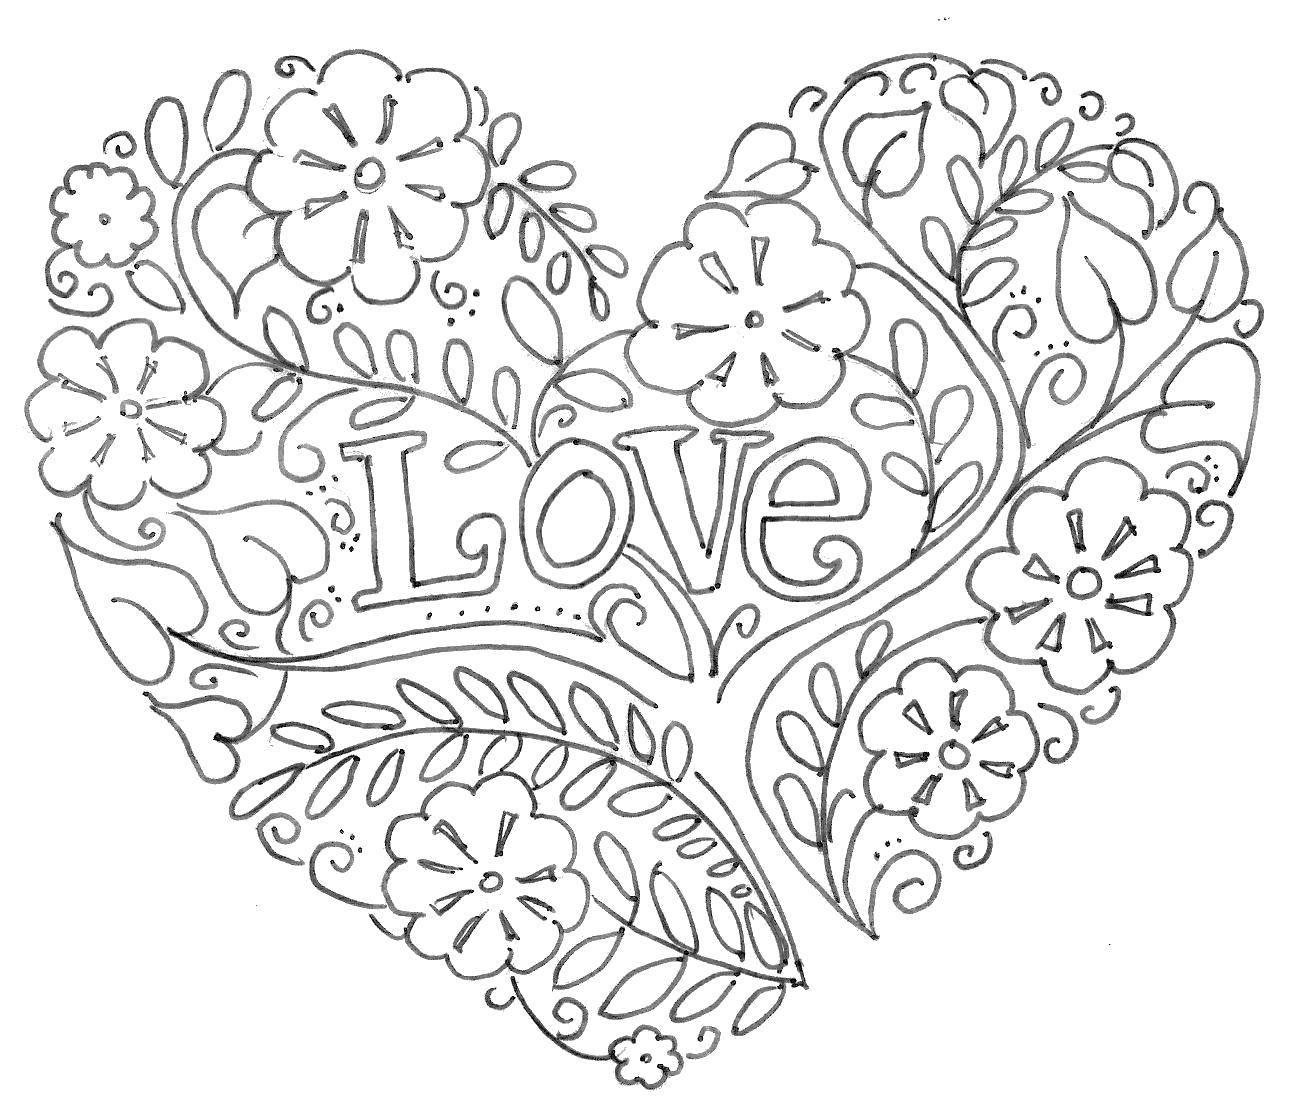 Название: Раскраска Узорная любовь. Категория: Я тебя люблю. Теги: Сердечко, любовь.